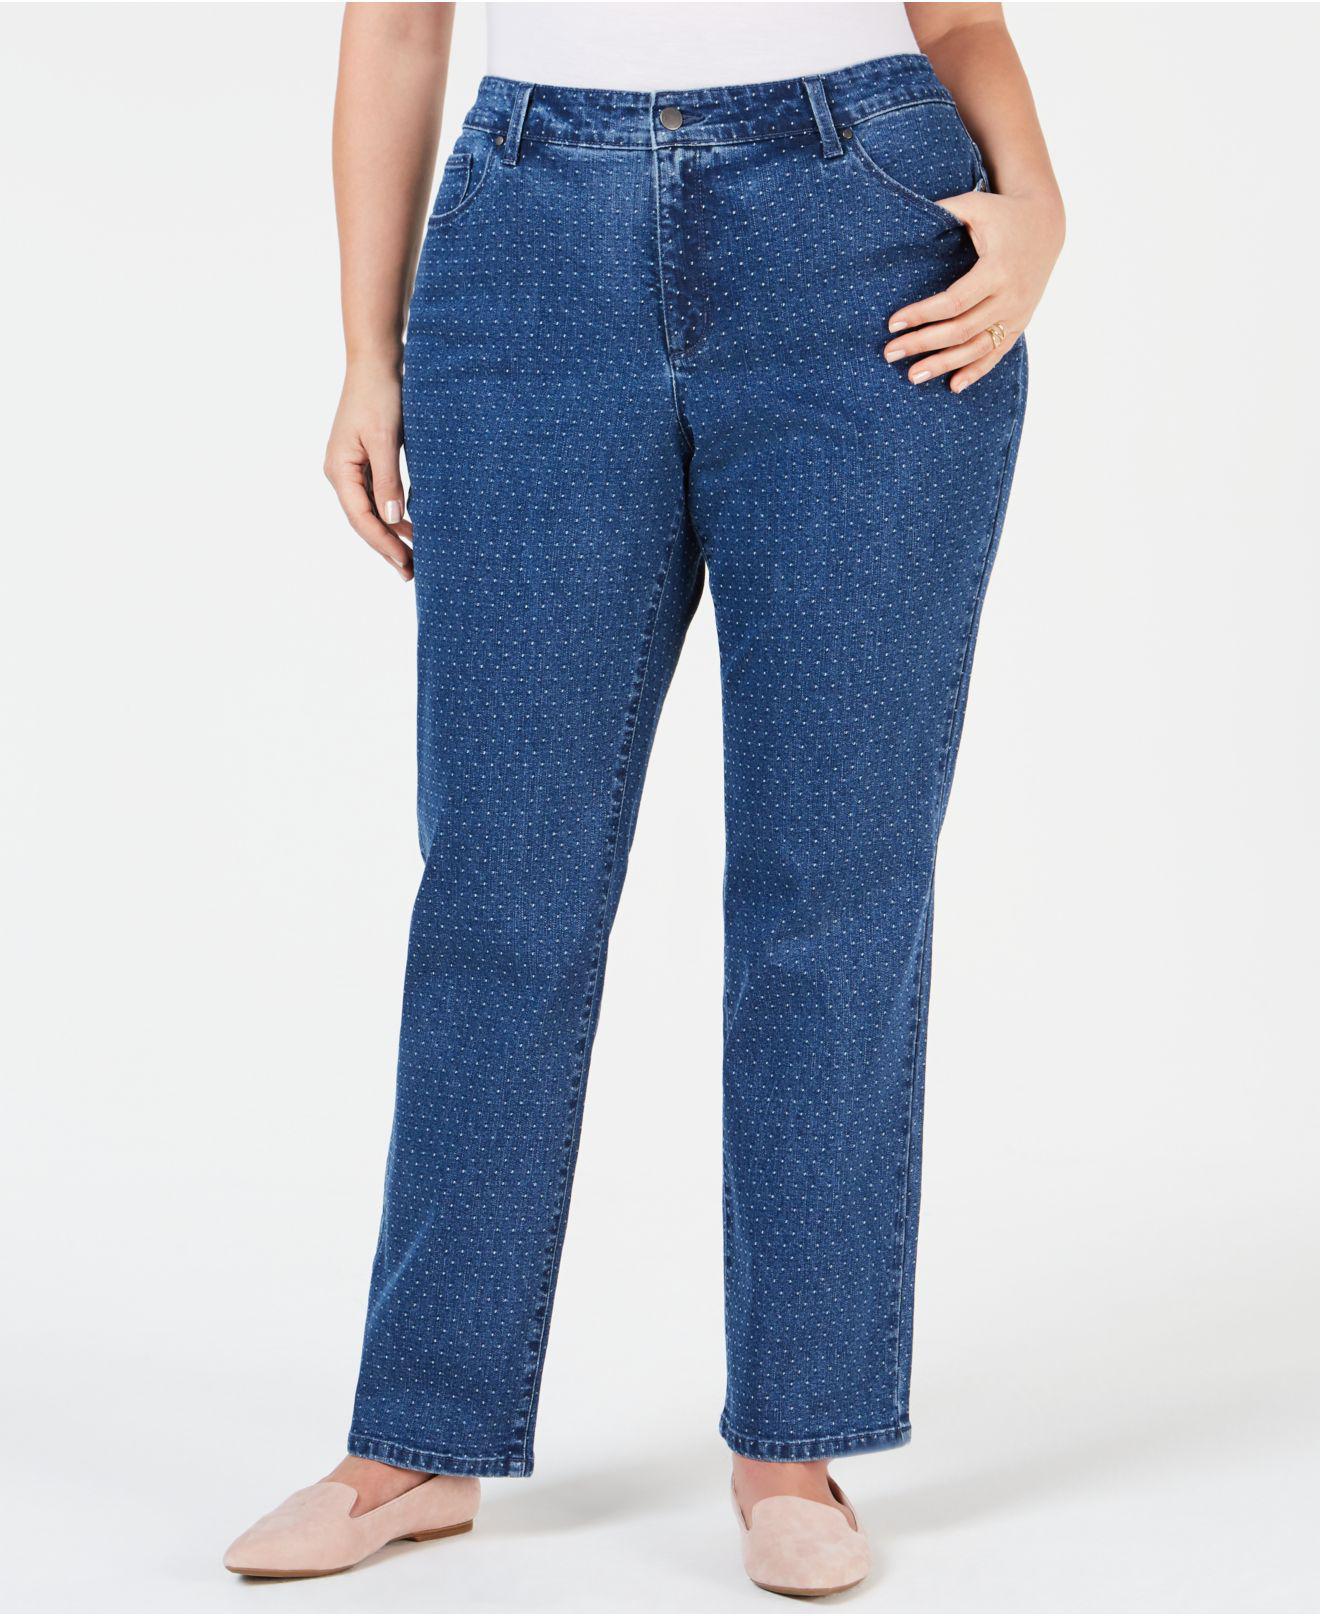 58bb1ff5a00 Charter Club. Women s Blue Plus Size Dot-print Tummy-control Jeans ...